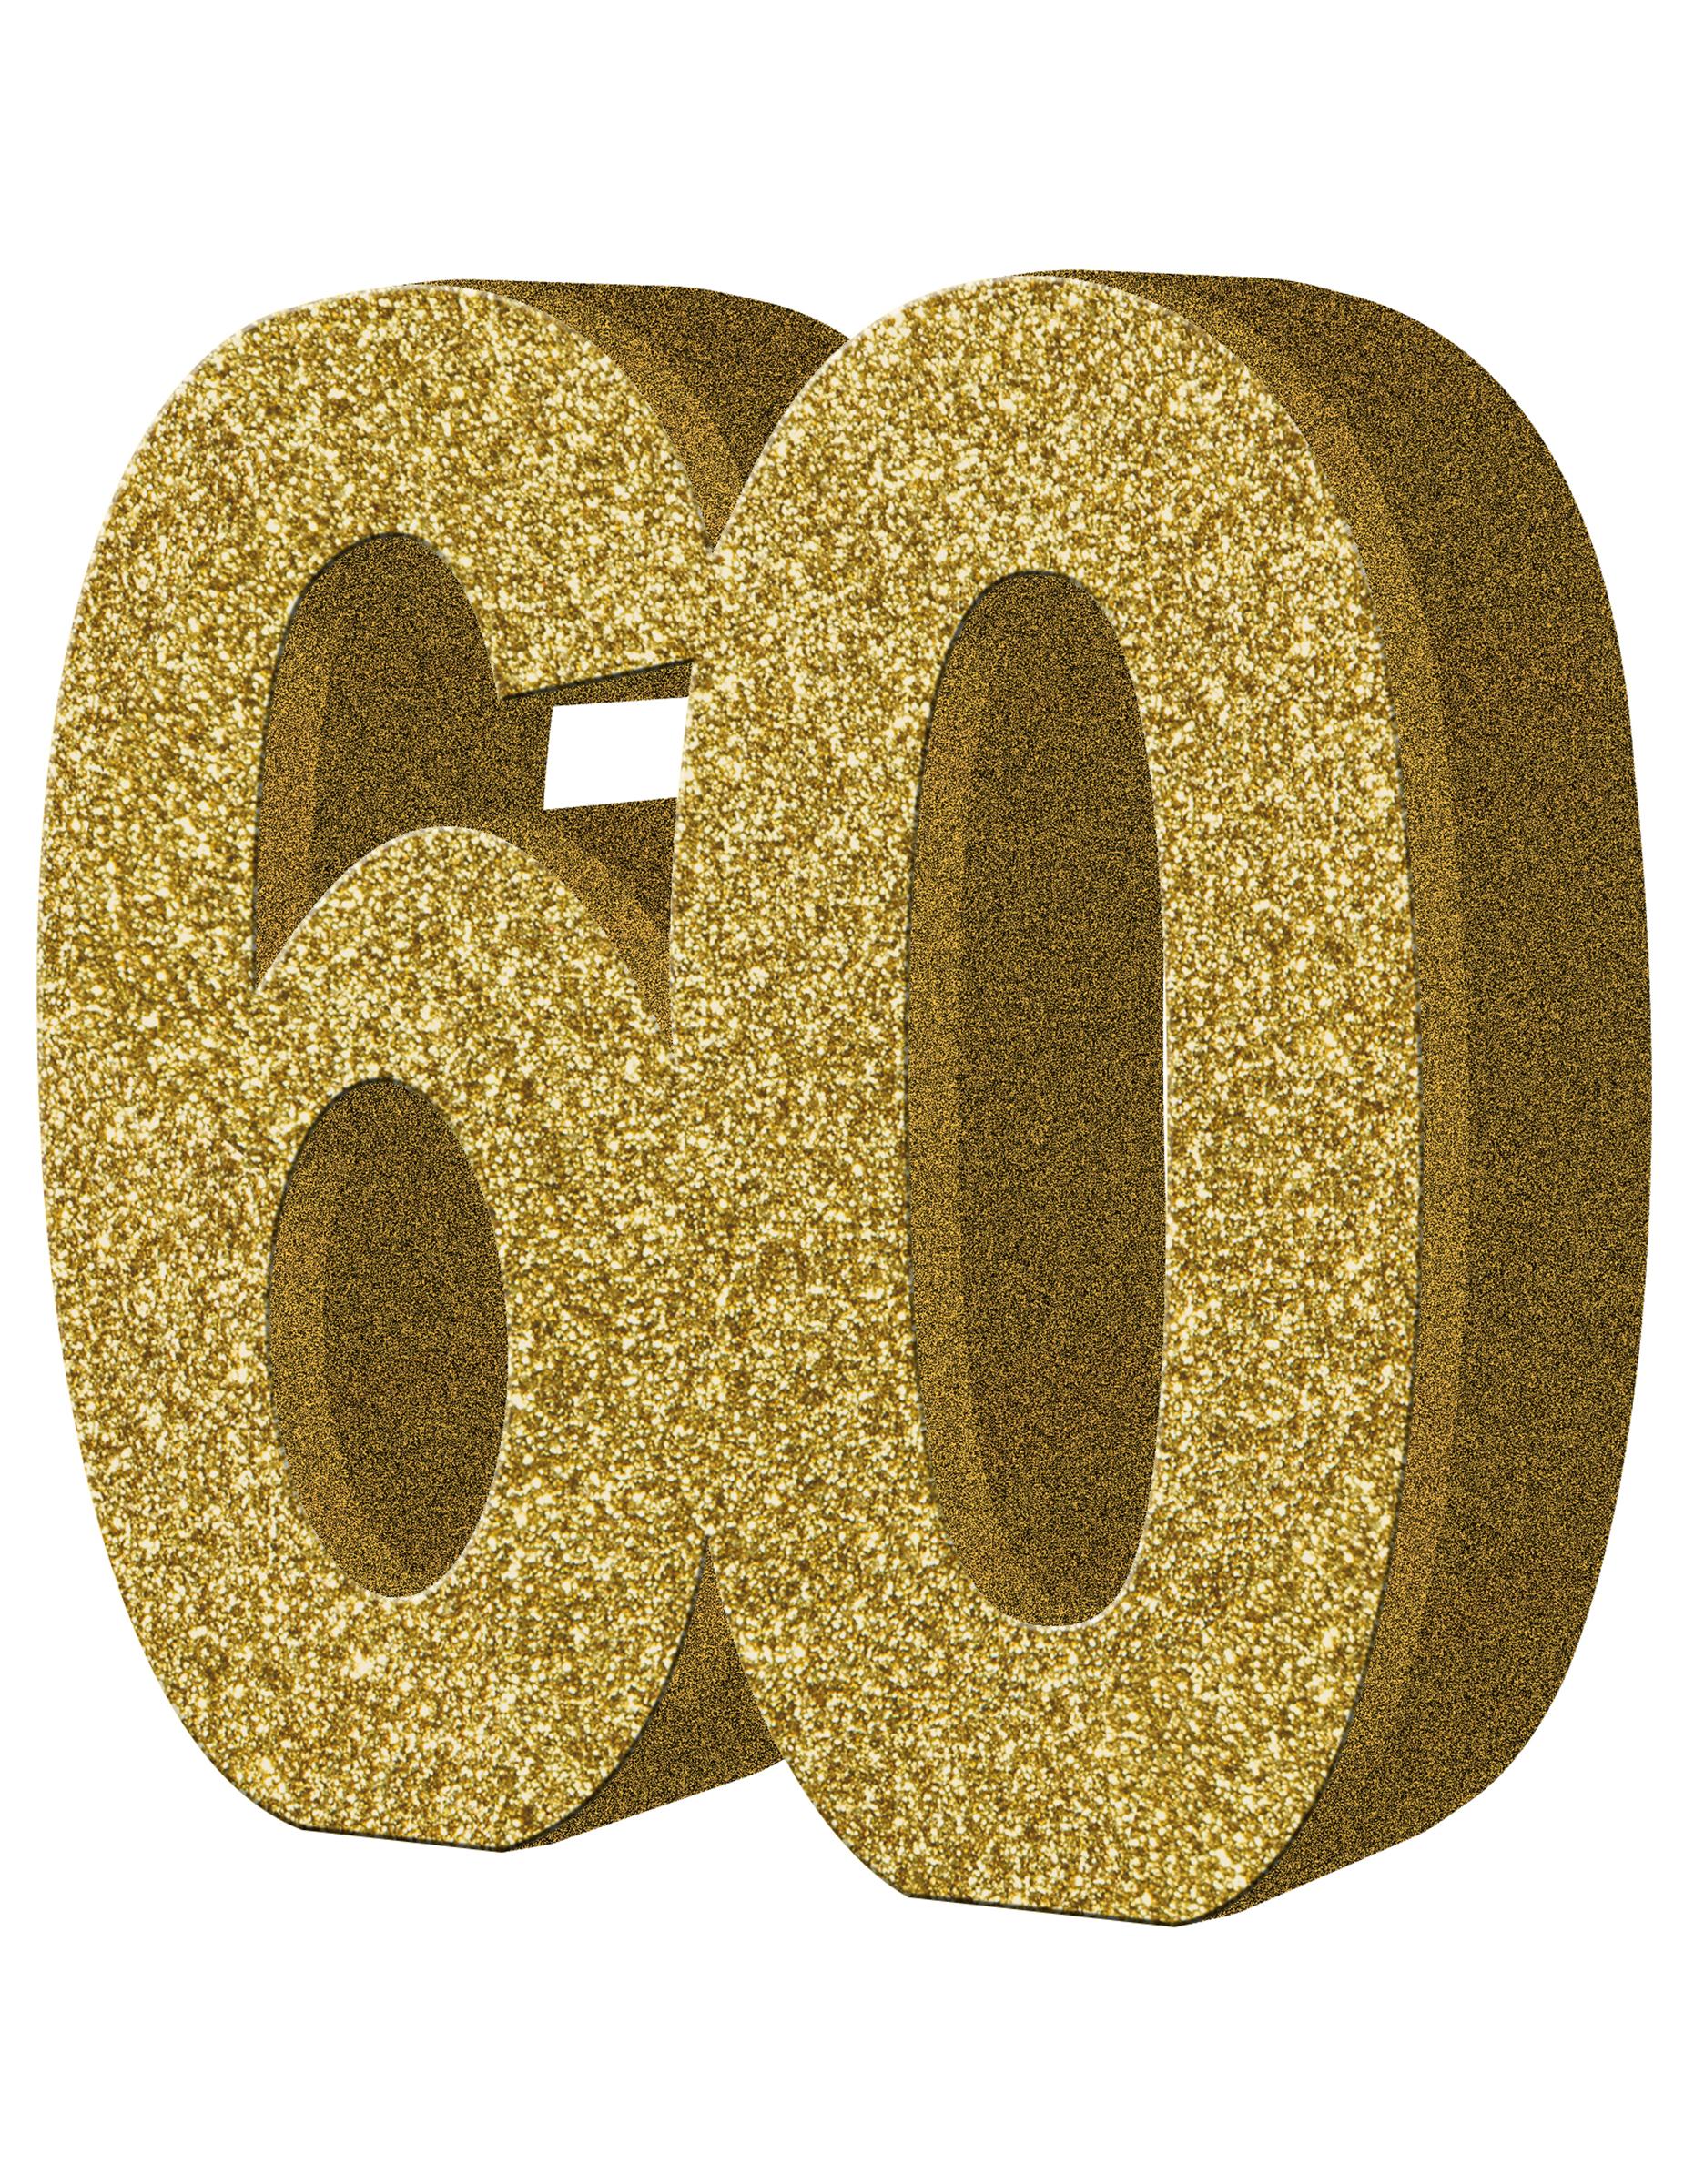 60 jaar tafeldecoratie decoratie en goedkope for Decoratie 60 jaar